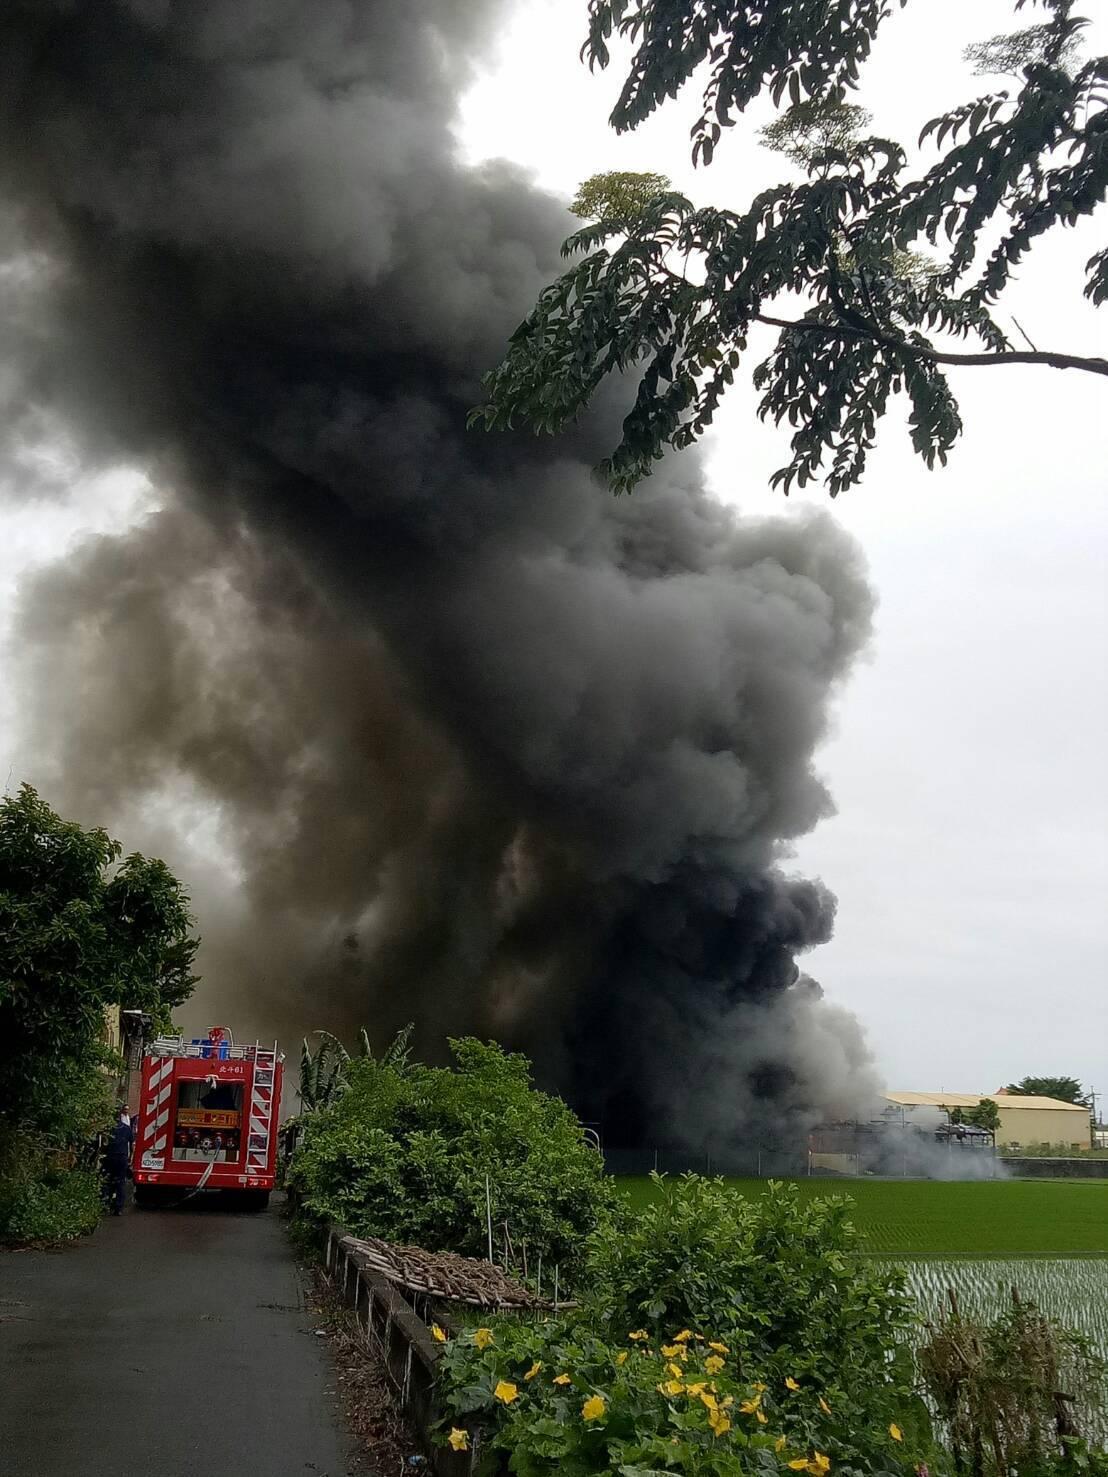 溪州鄉一間鐵皮屋菇寮今天中午竄出濃煙。照片/消防局提供